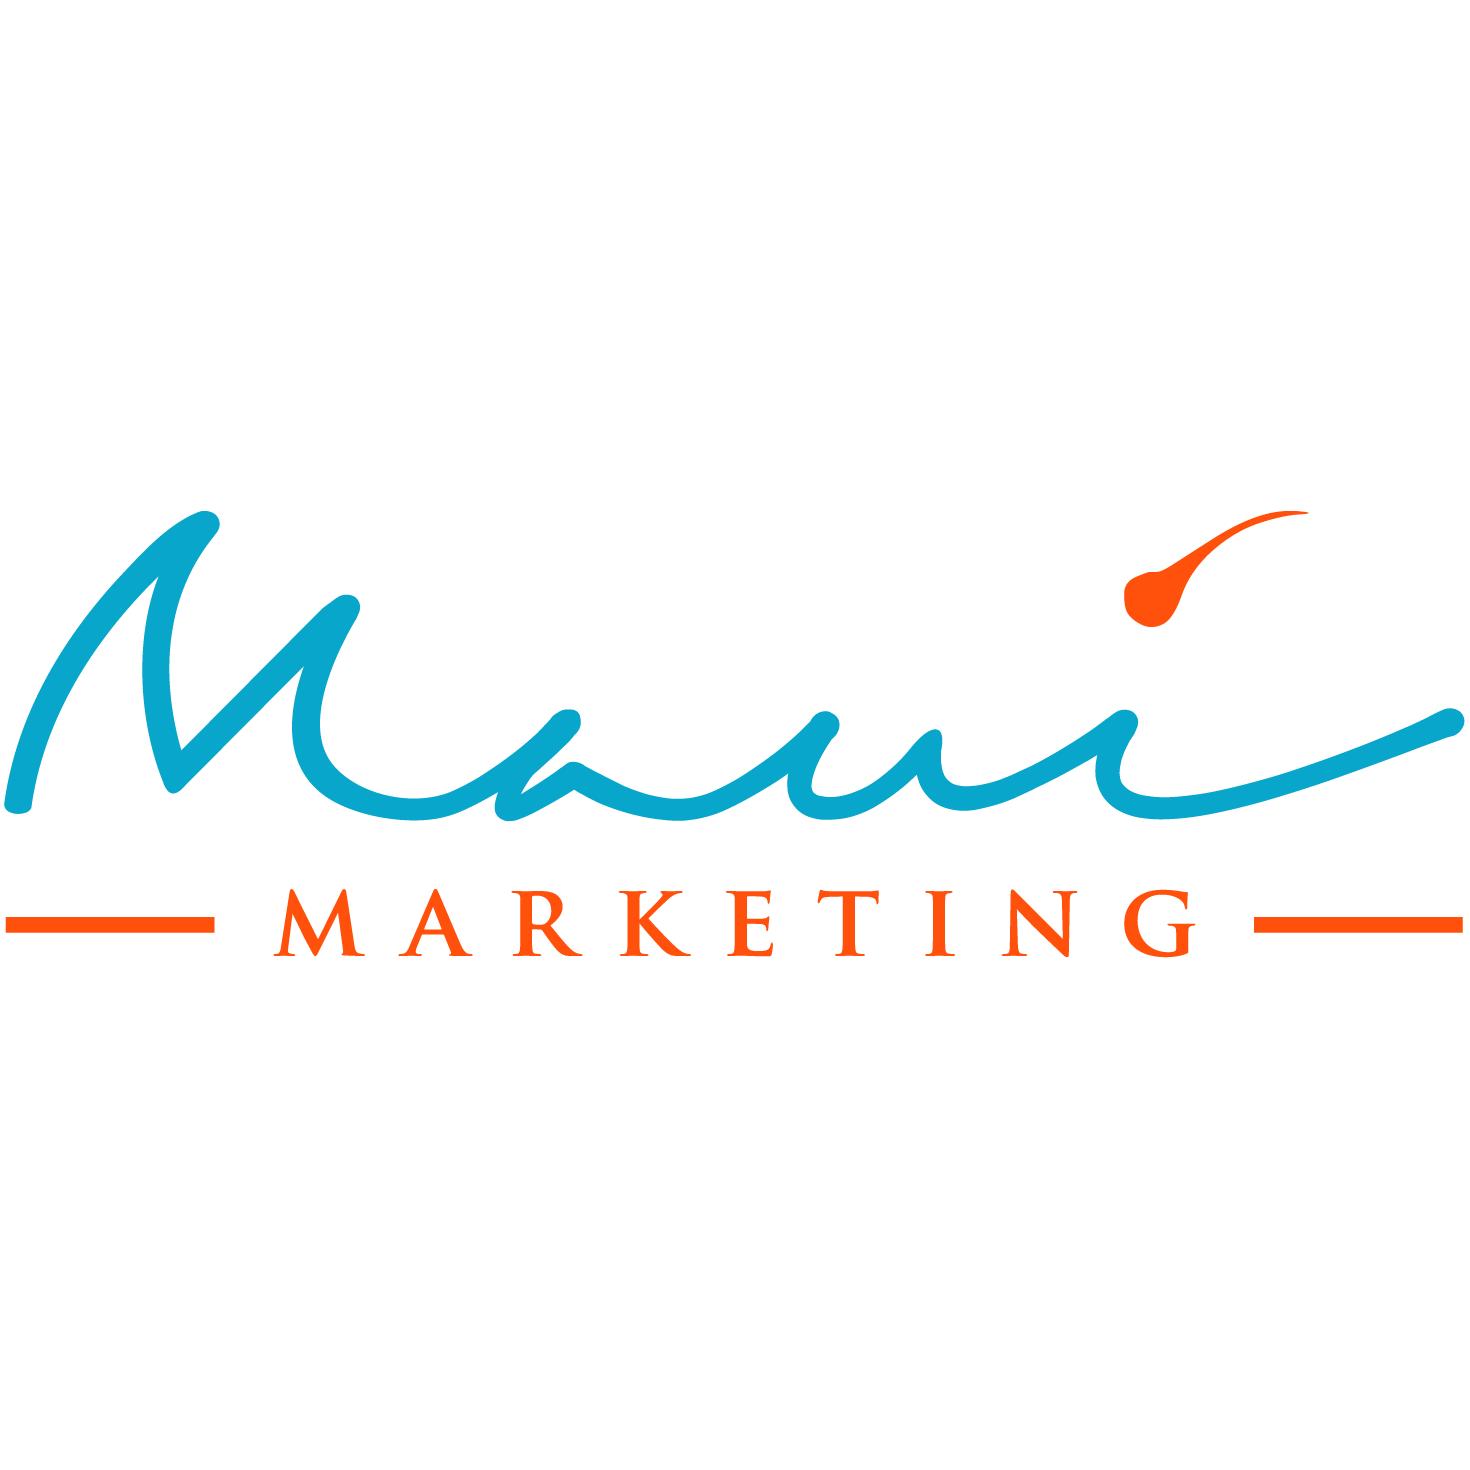 Maui Marketing